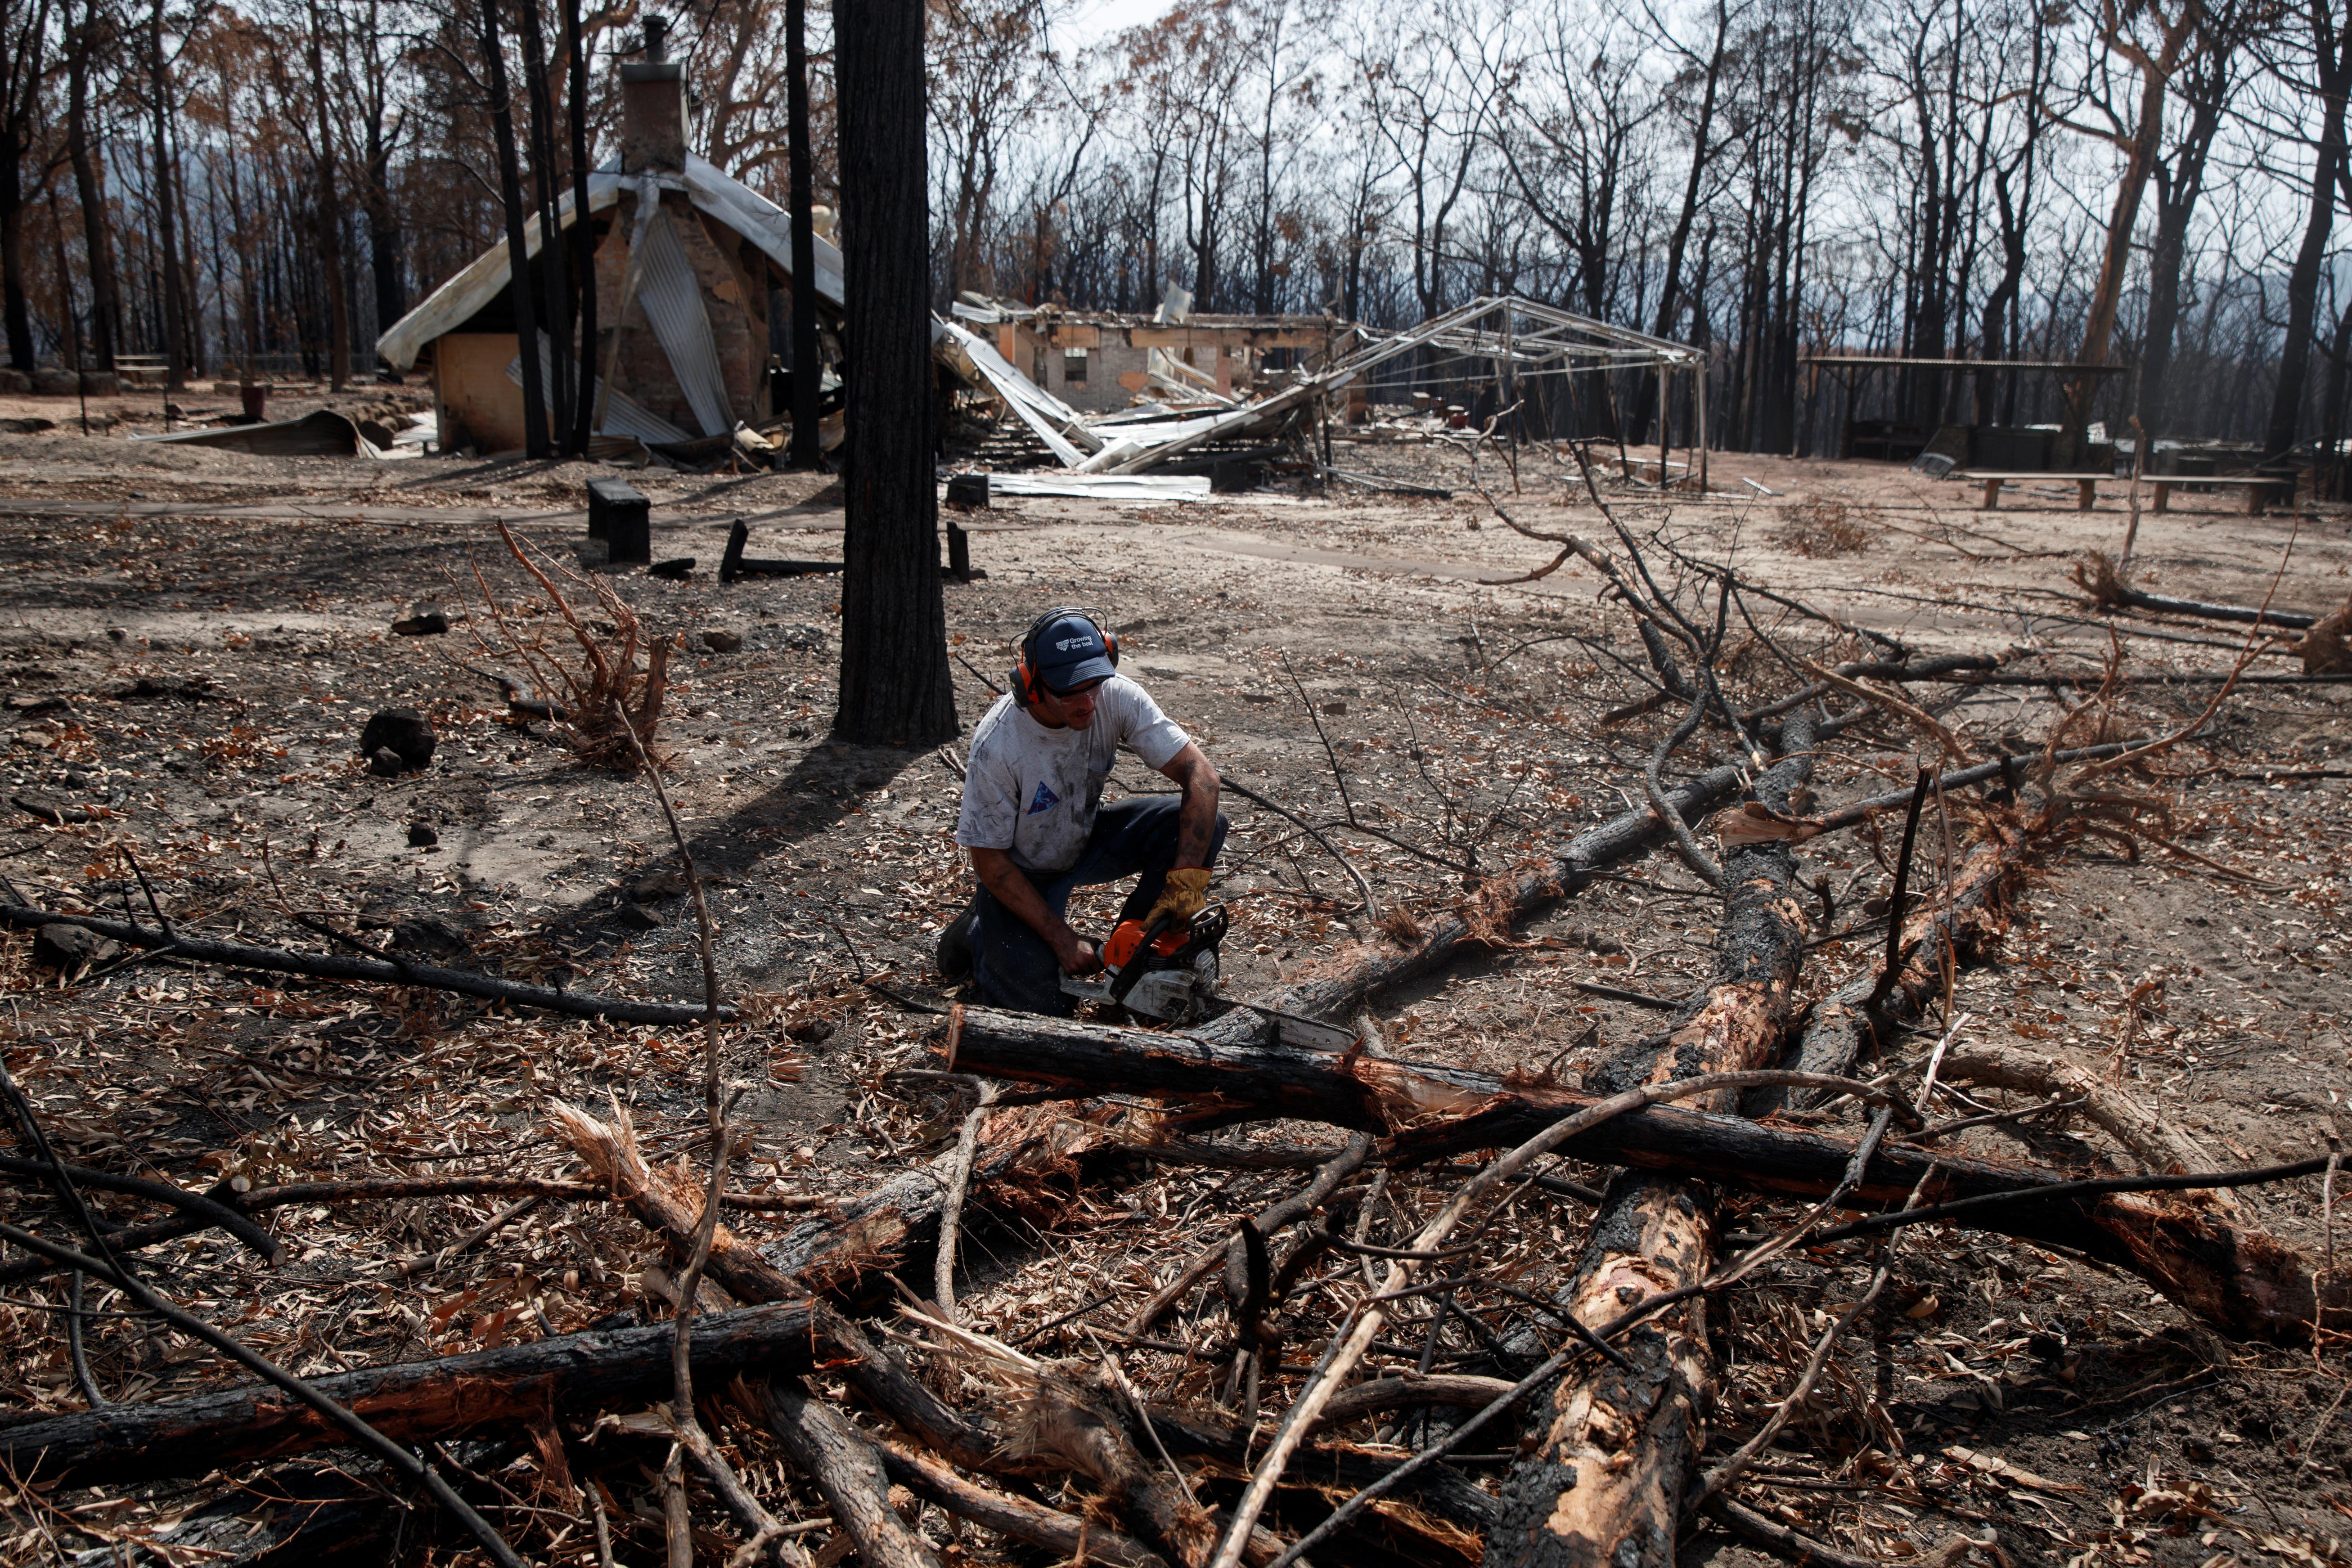 L'Australie pleure les pompiers américains alors que l'enquête sur l'écrasement d'un avion commence